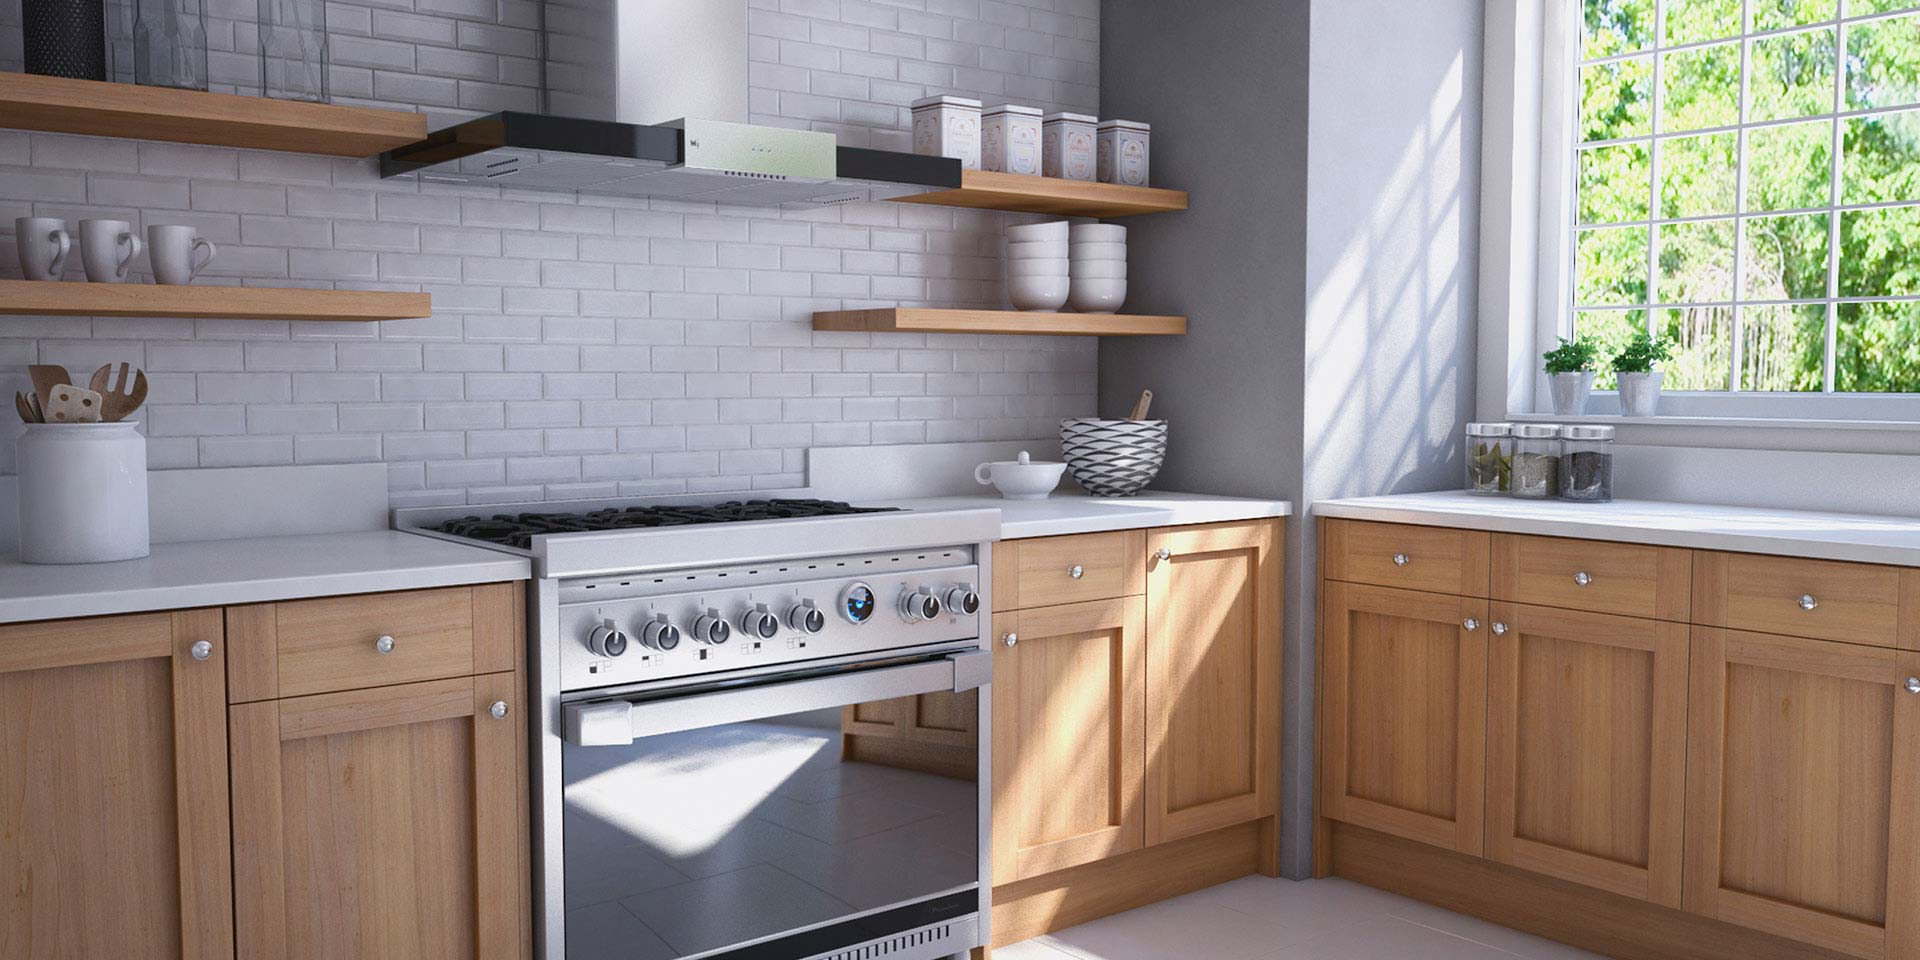 Catalogo muebles de cocina reno ideas for Muebles de cocina alemanes